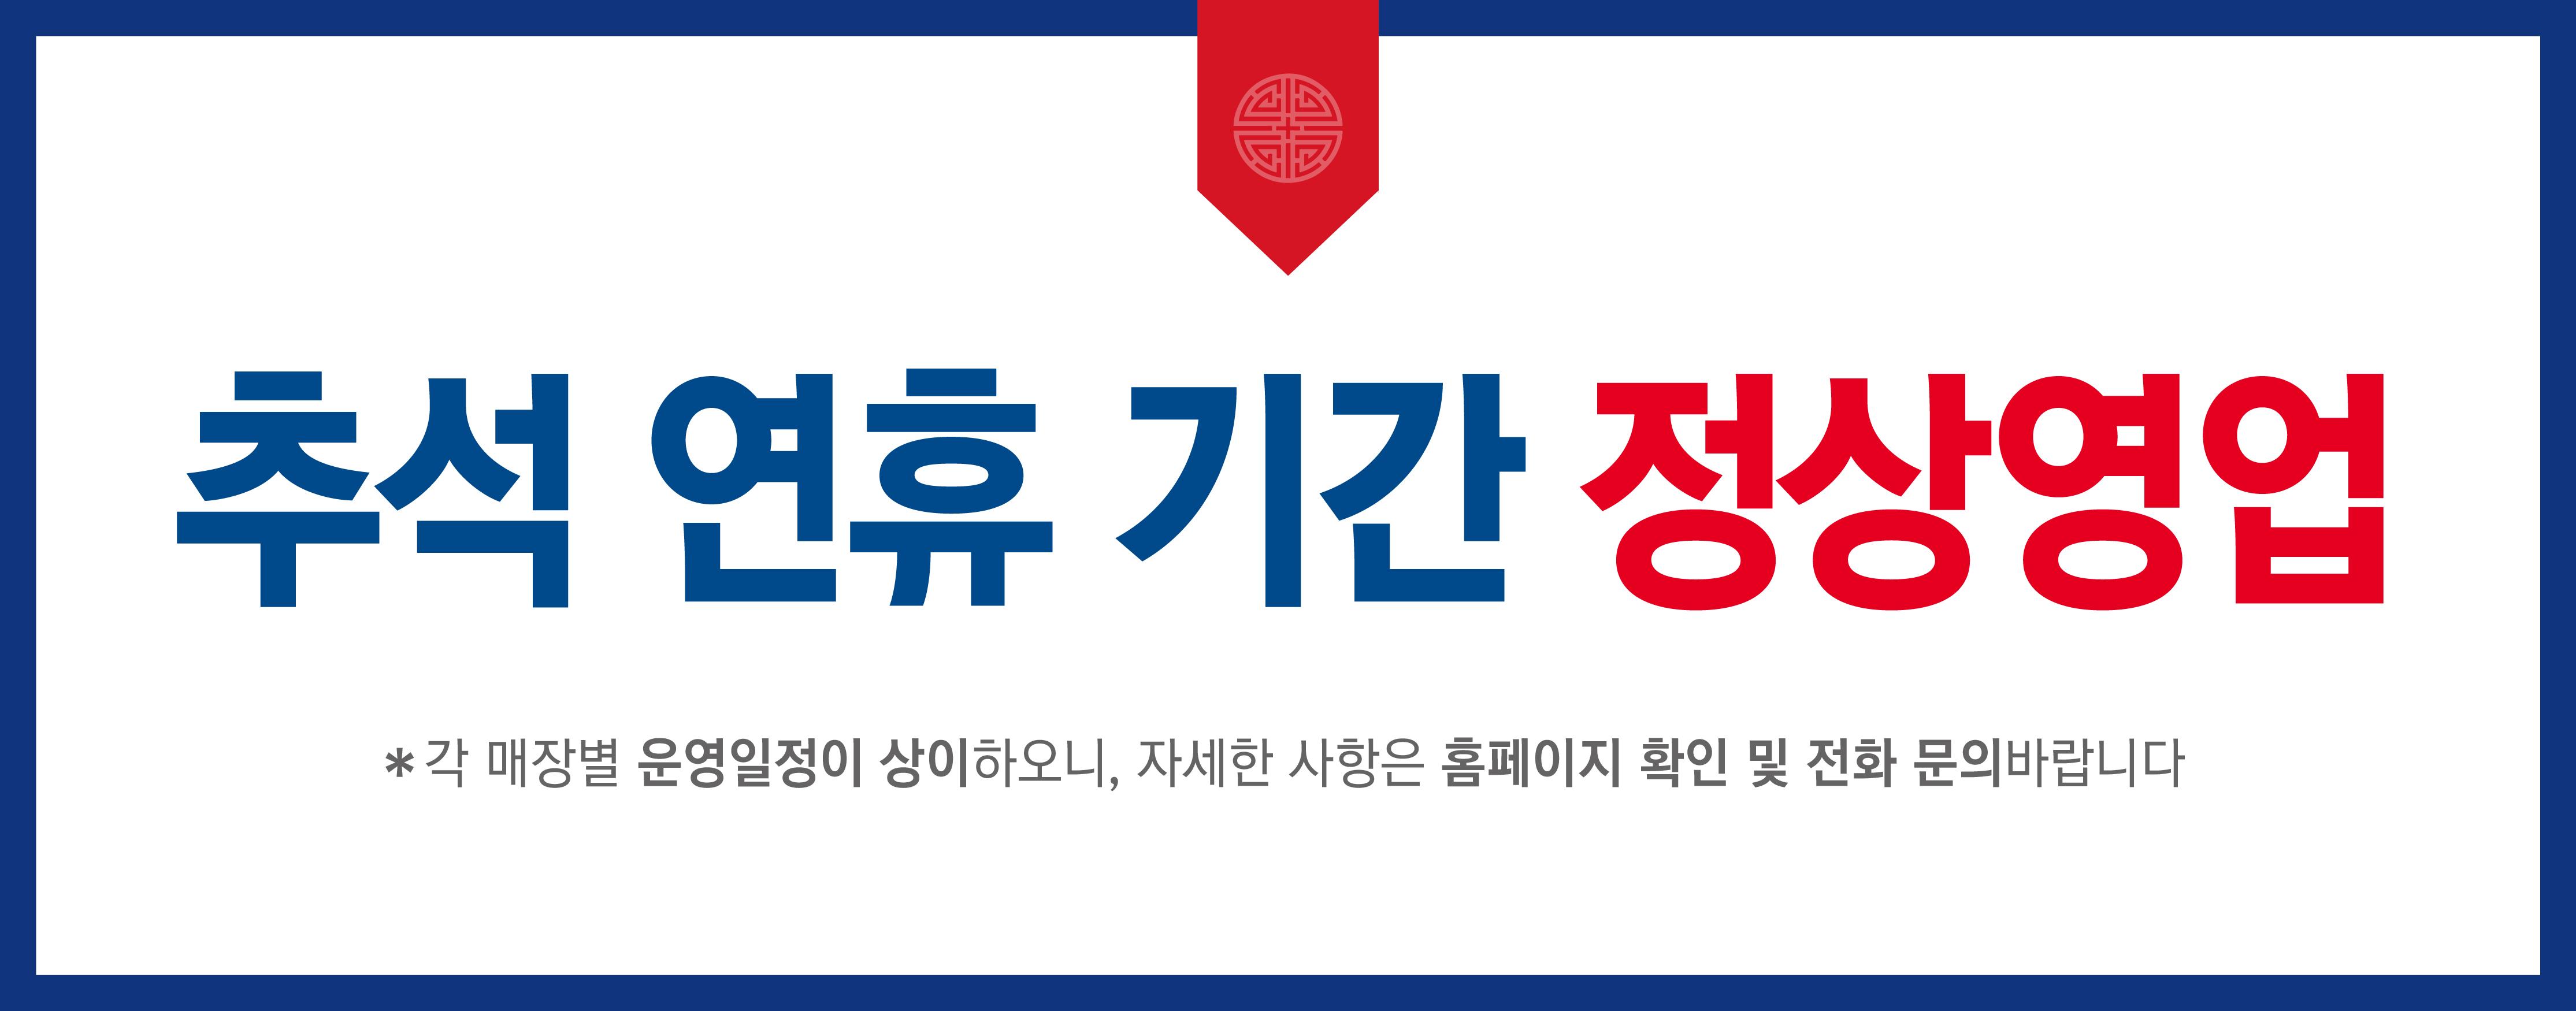 아브뉴프랑 추석 연휴 기간 정상영업 안내 2019-08-20 ~ 2019-09-15